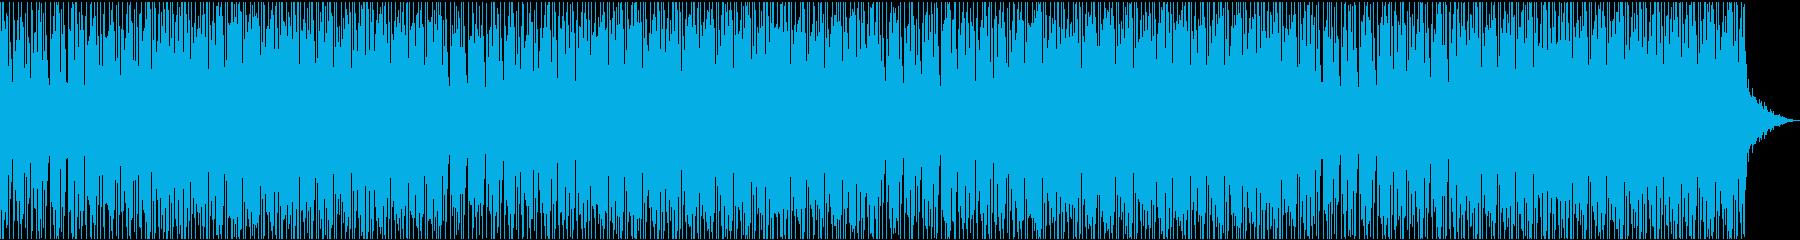 不思議で奇妙なエレクトロハウス何かが起きの再生済みの波形